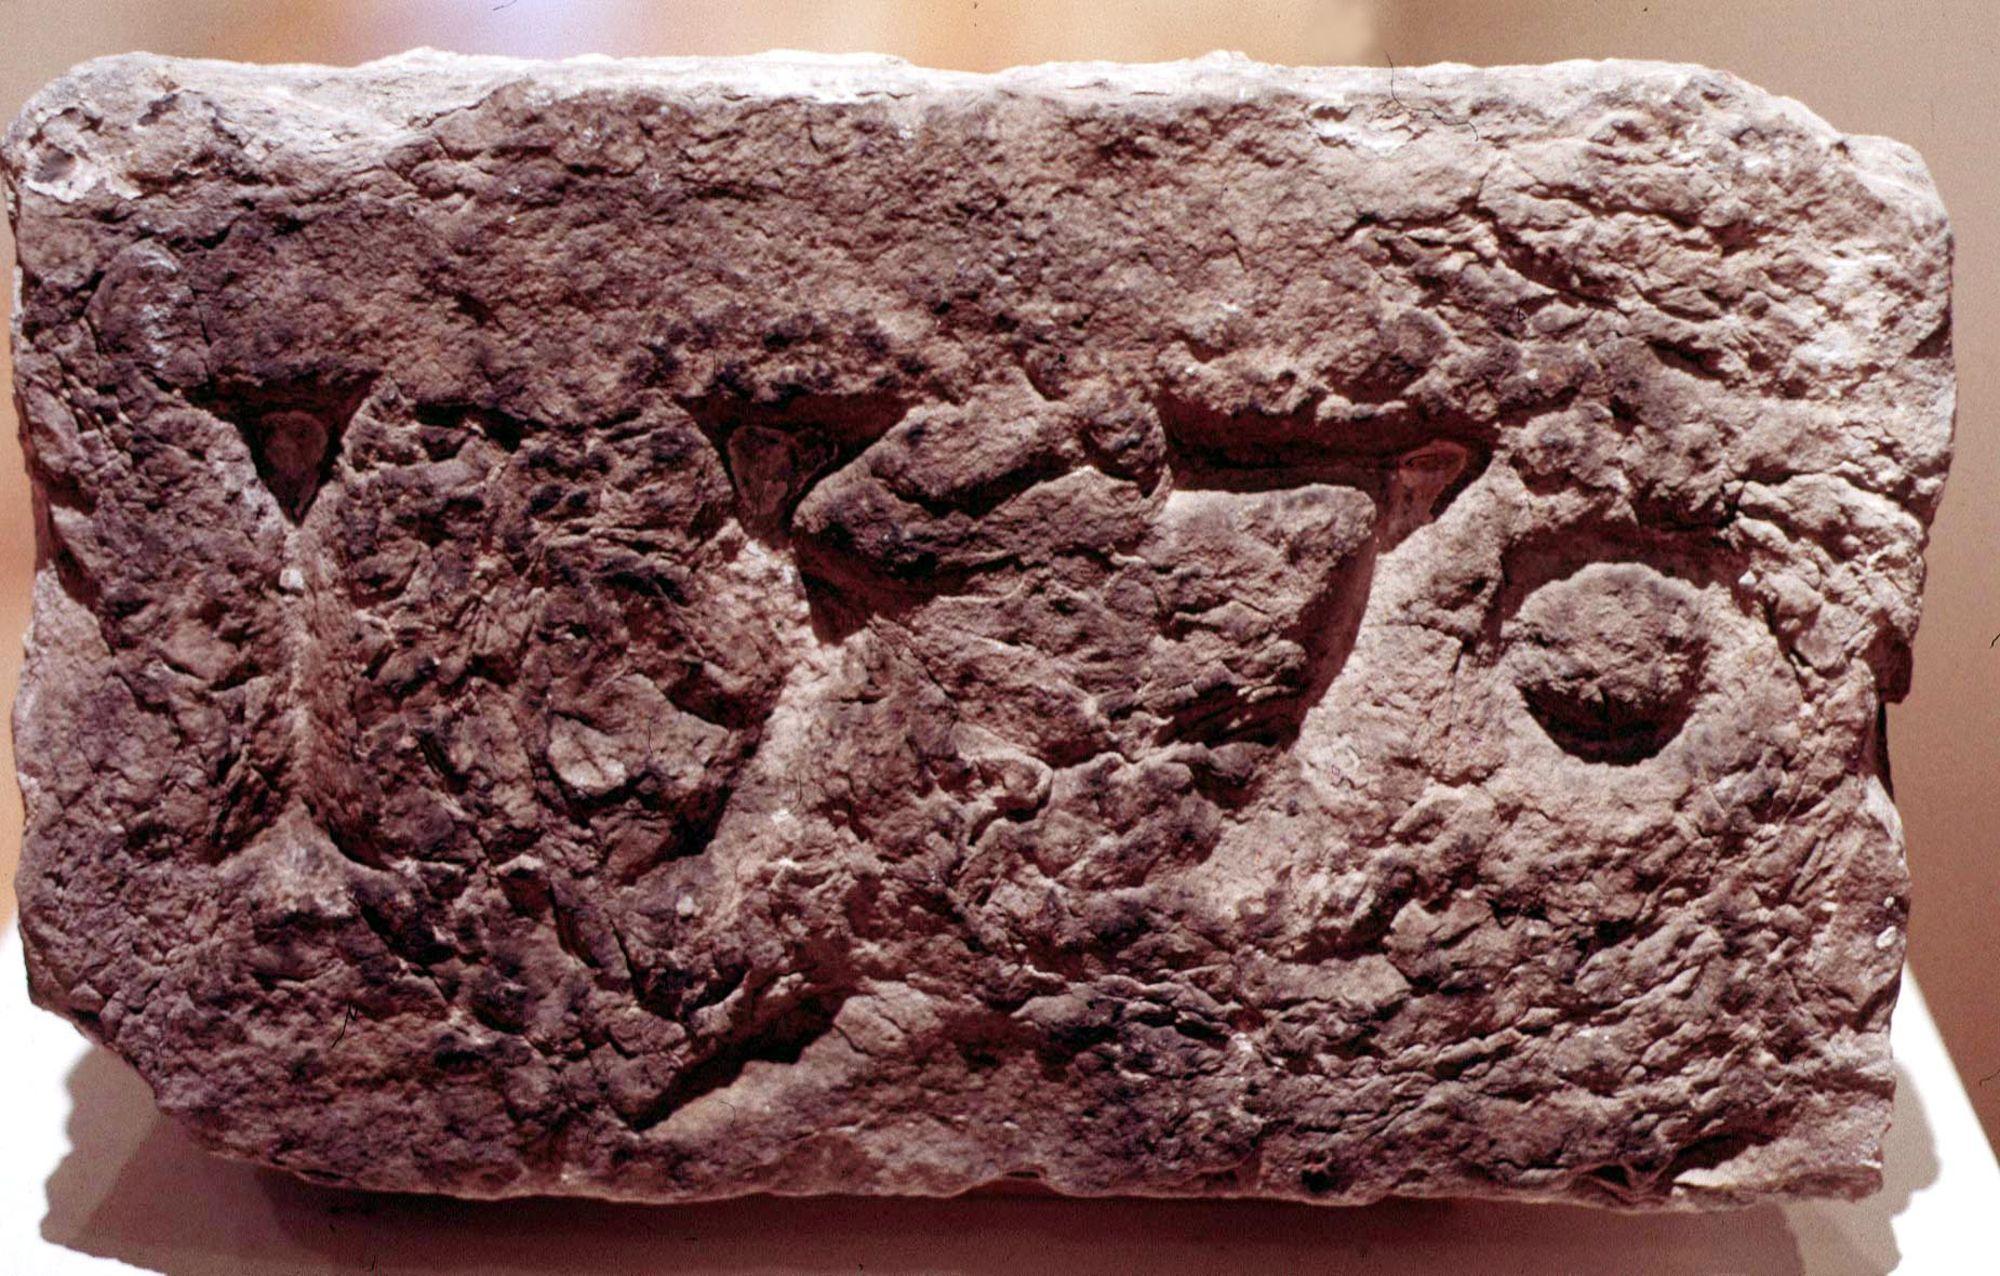 Datumsteen 1570 Groeninghe